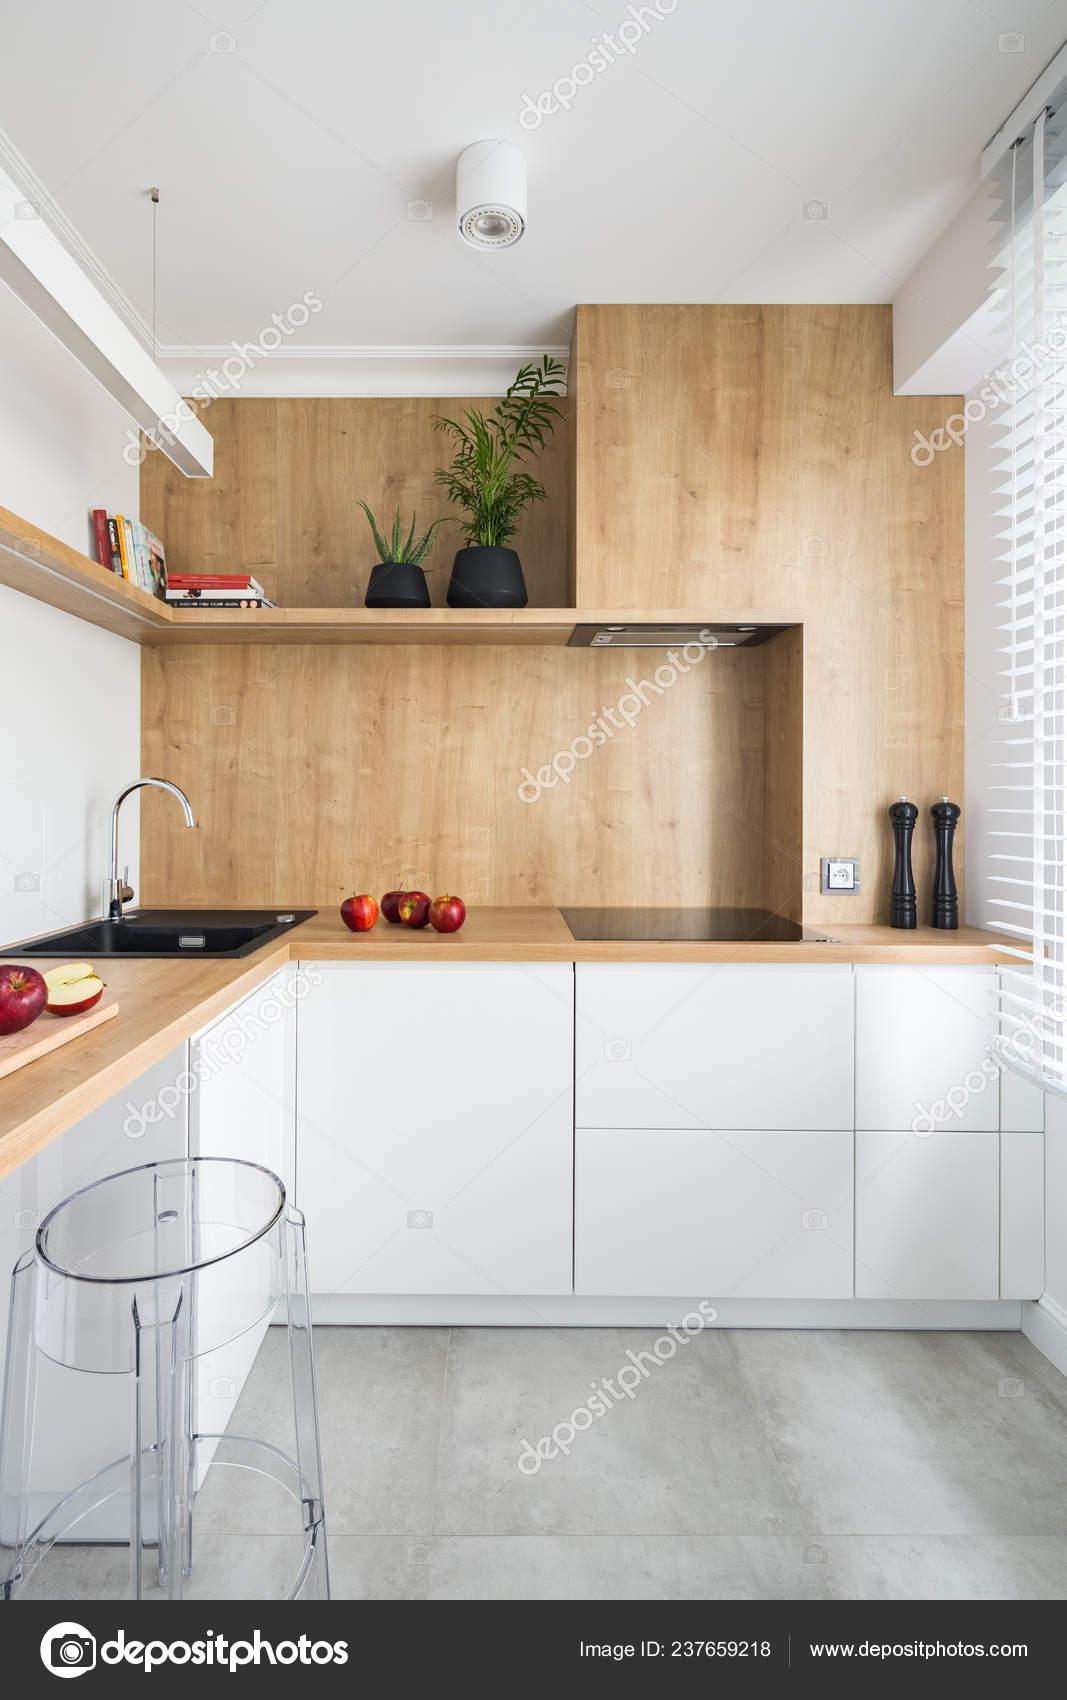 White Modern Kitchen Wooden Furniture Big Window — Stock ...